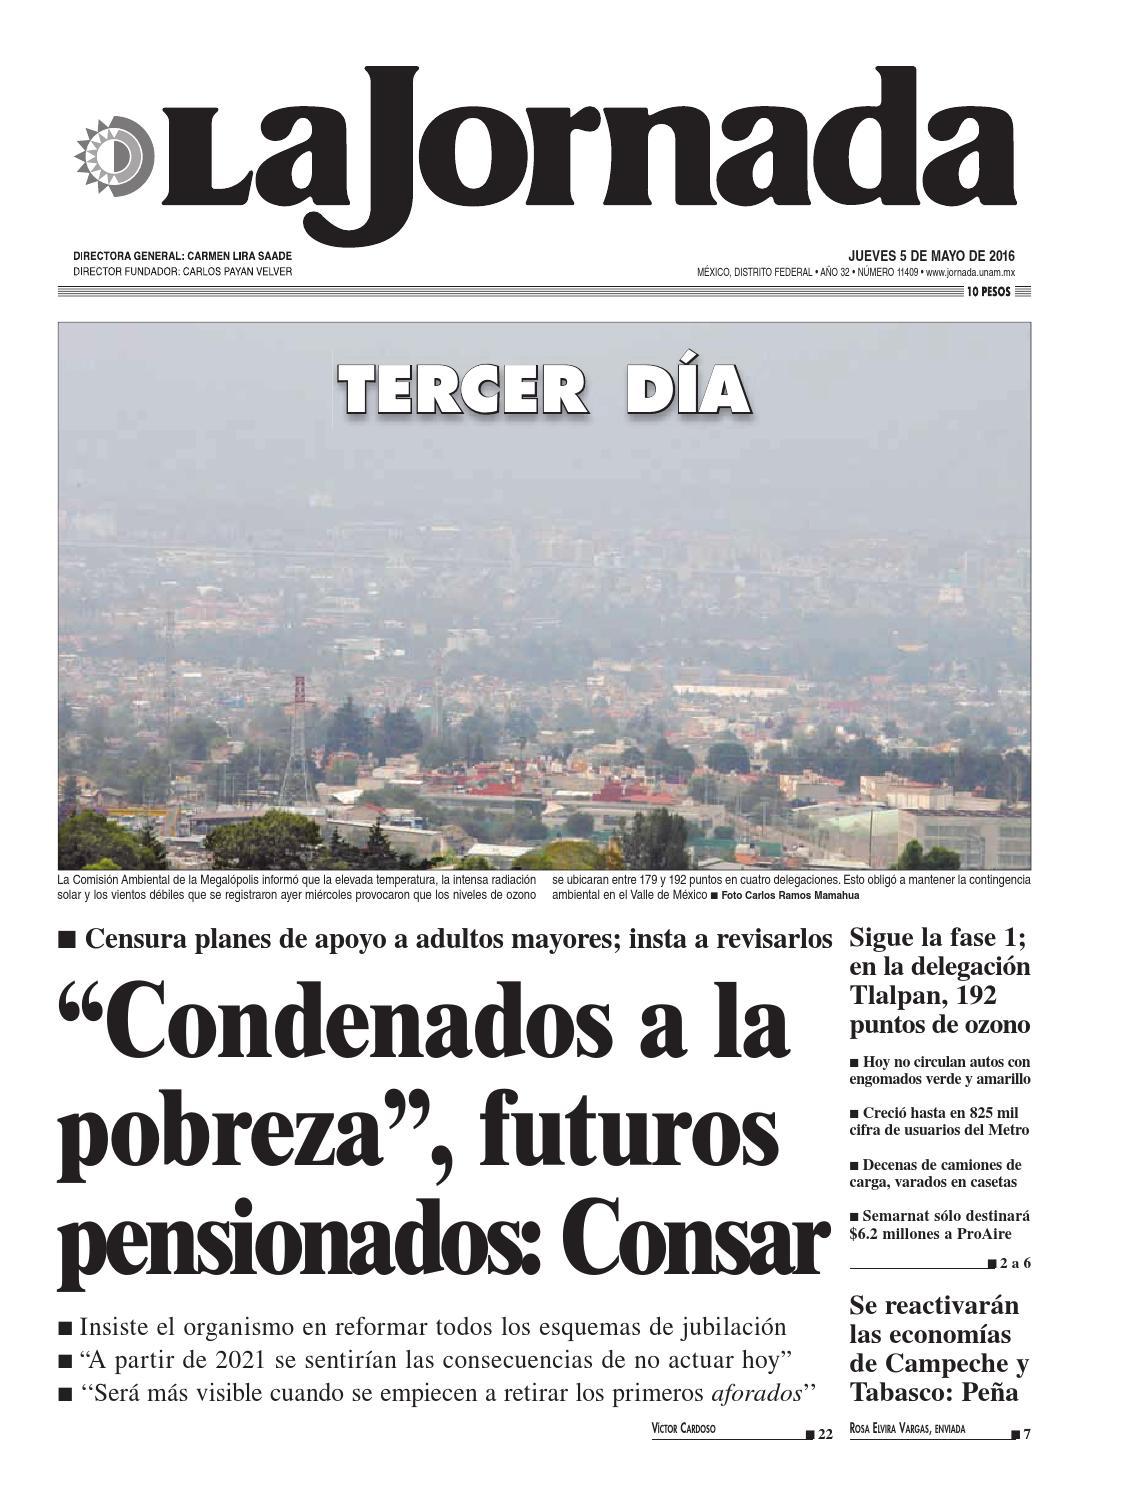 La Jornada, 05/05/2016 by La Jornada: DEMOS Desarrollo de Medios ...